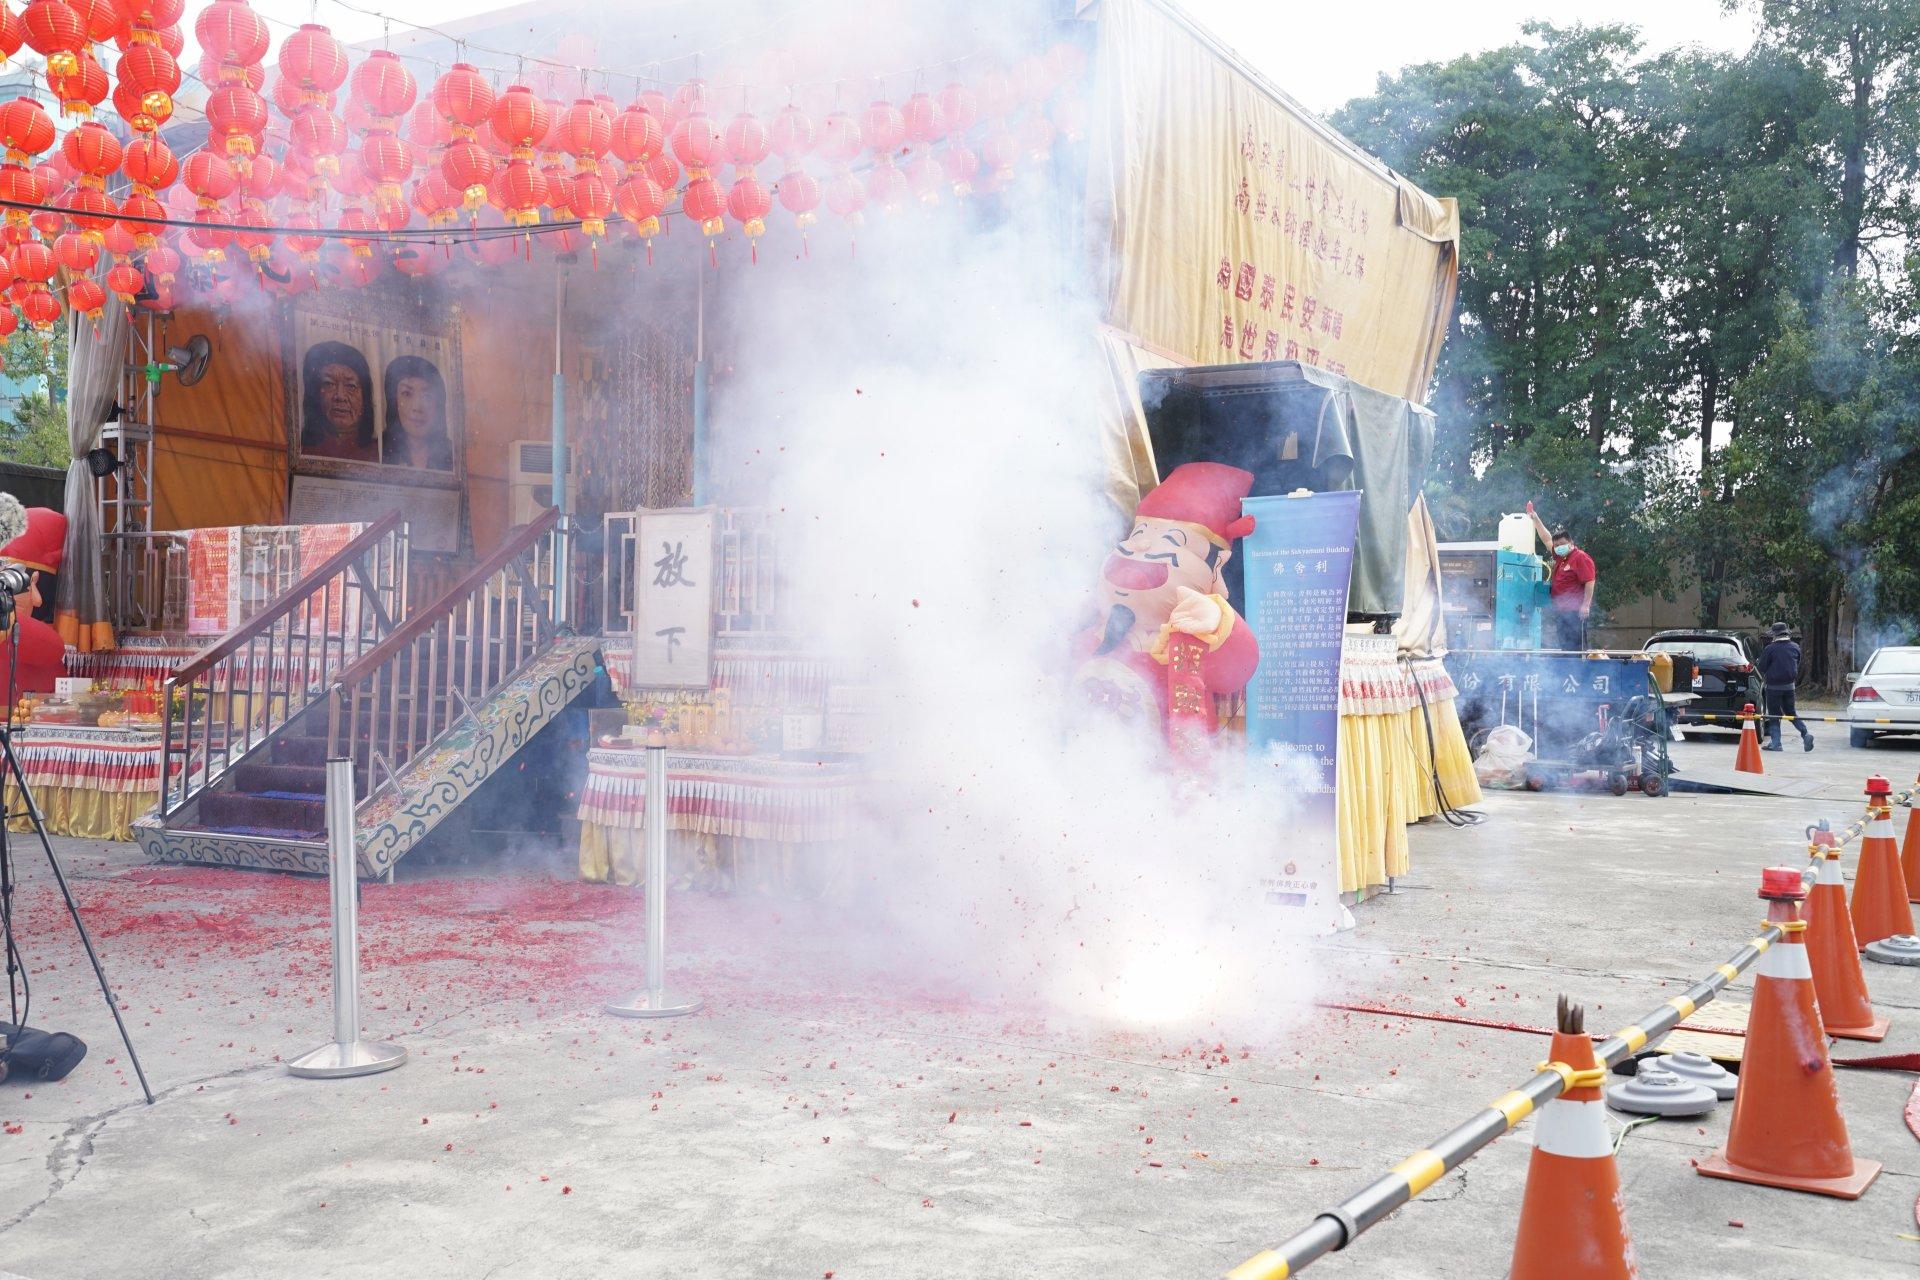 行動佛殿123站高雄前鎮,大年初一炮竹一聲除舊歲恭賀新年到